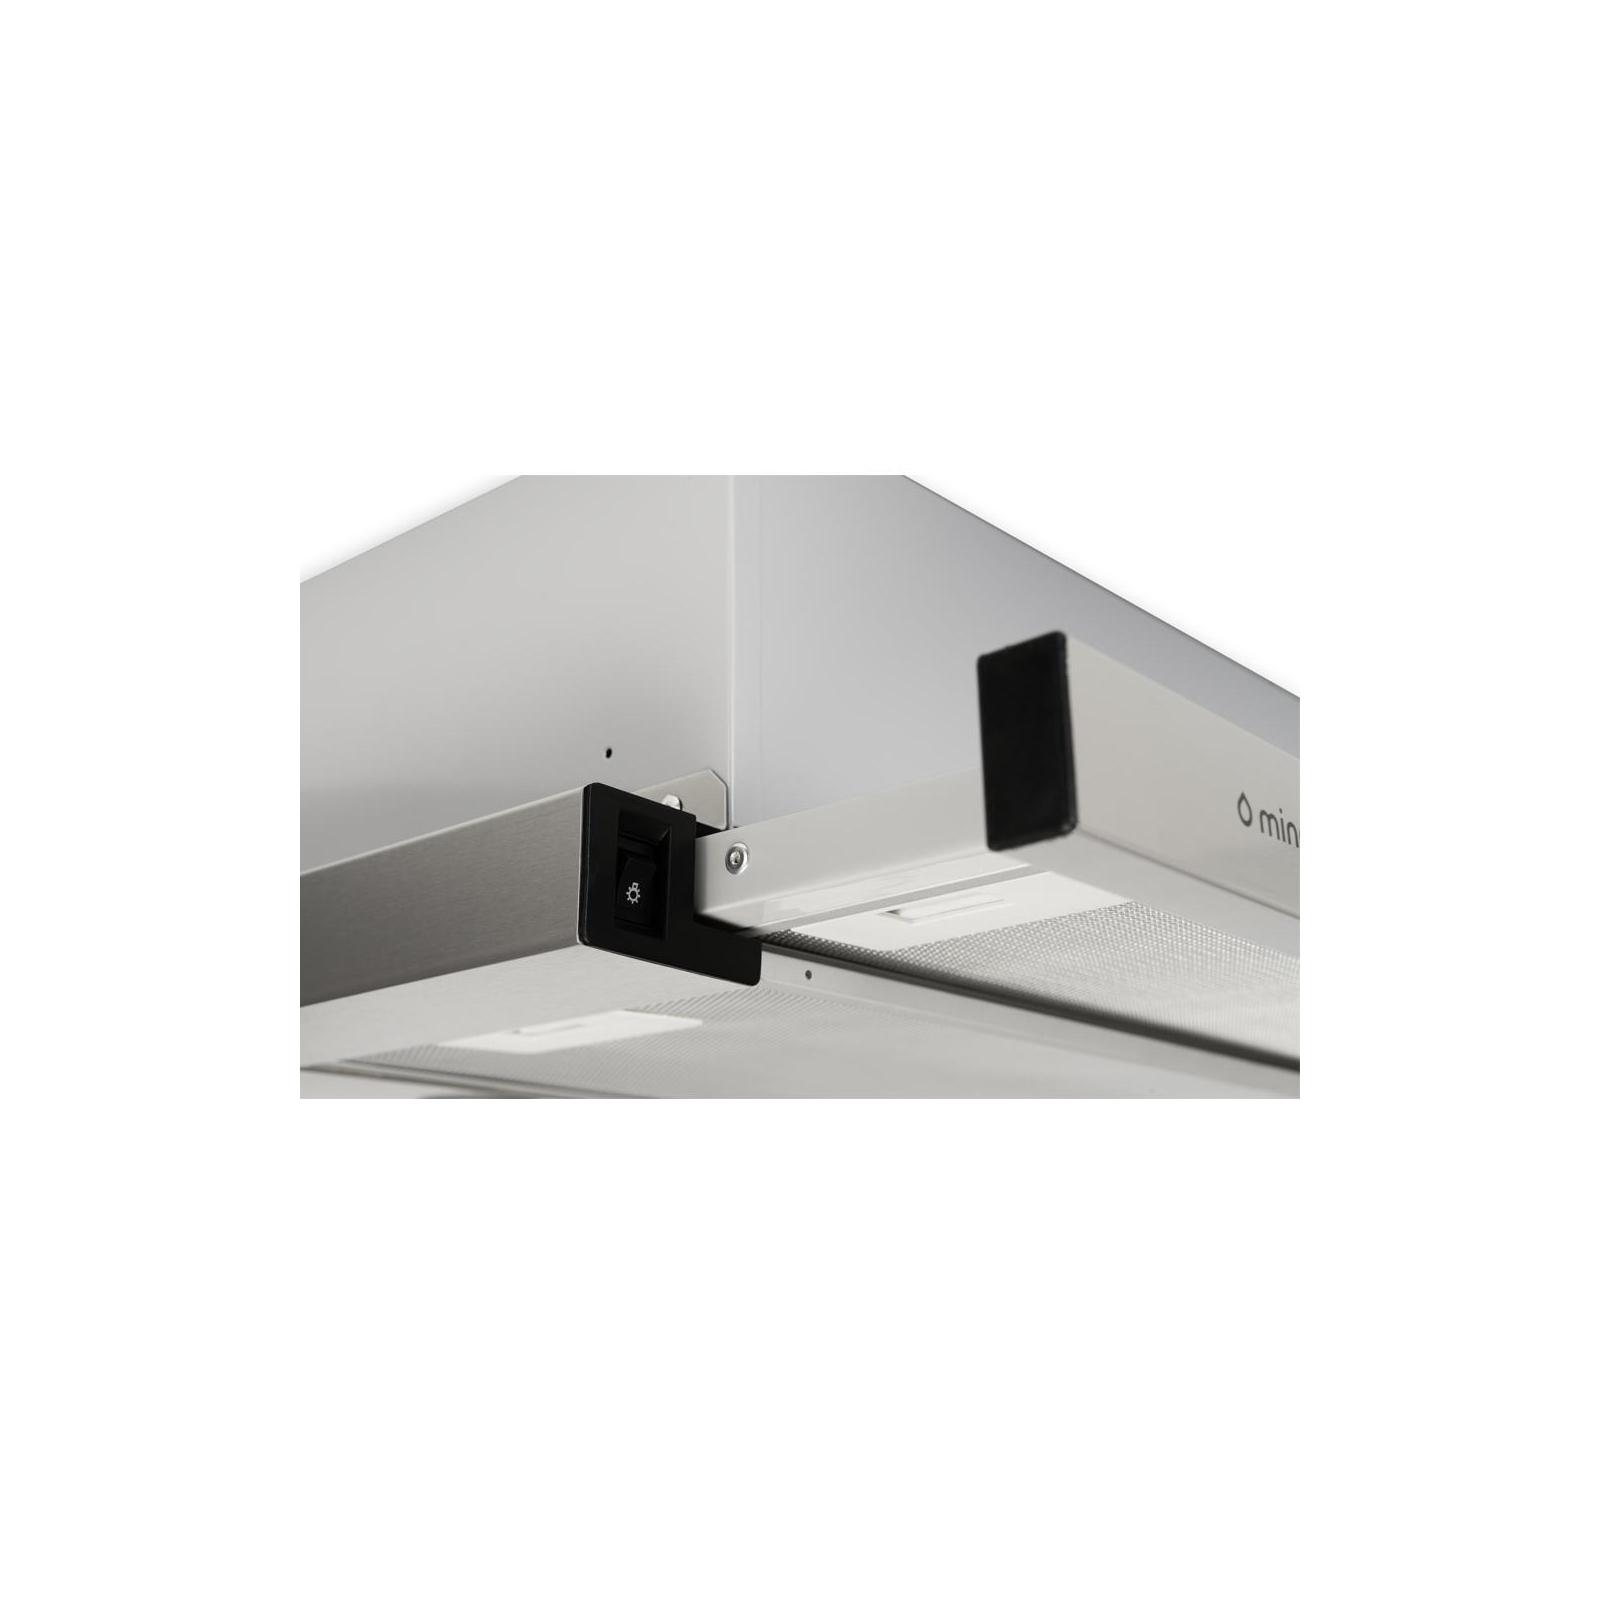 Вытяжка кухонная MINOLA HTL 6012 FULL INOX 450 LED изображение 5